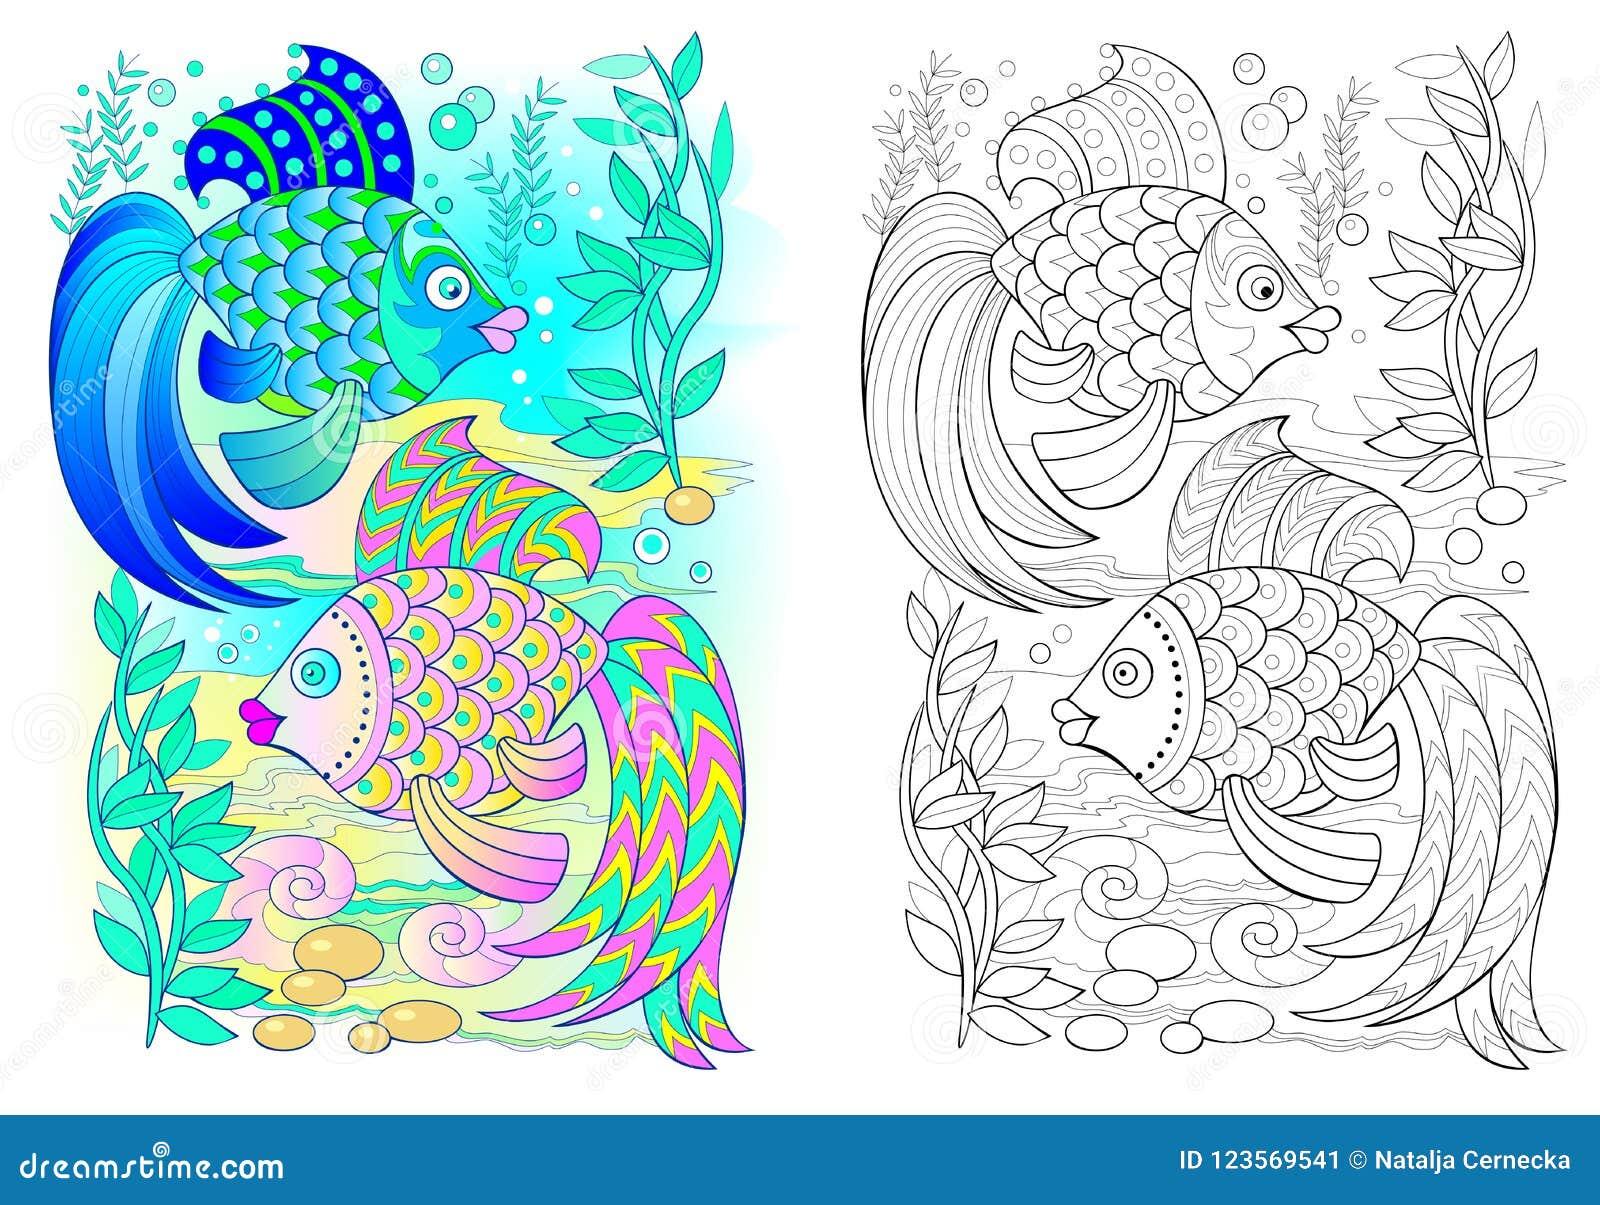 Modelo Colorido Y Blanco Y Negro Para Colorear Dibujo De Pares De